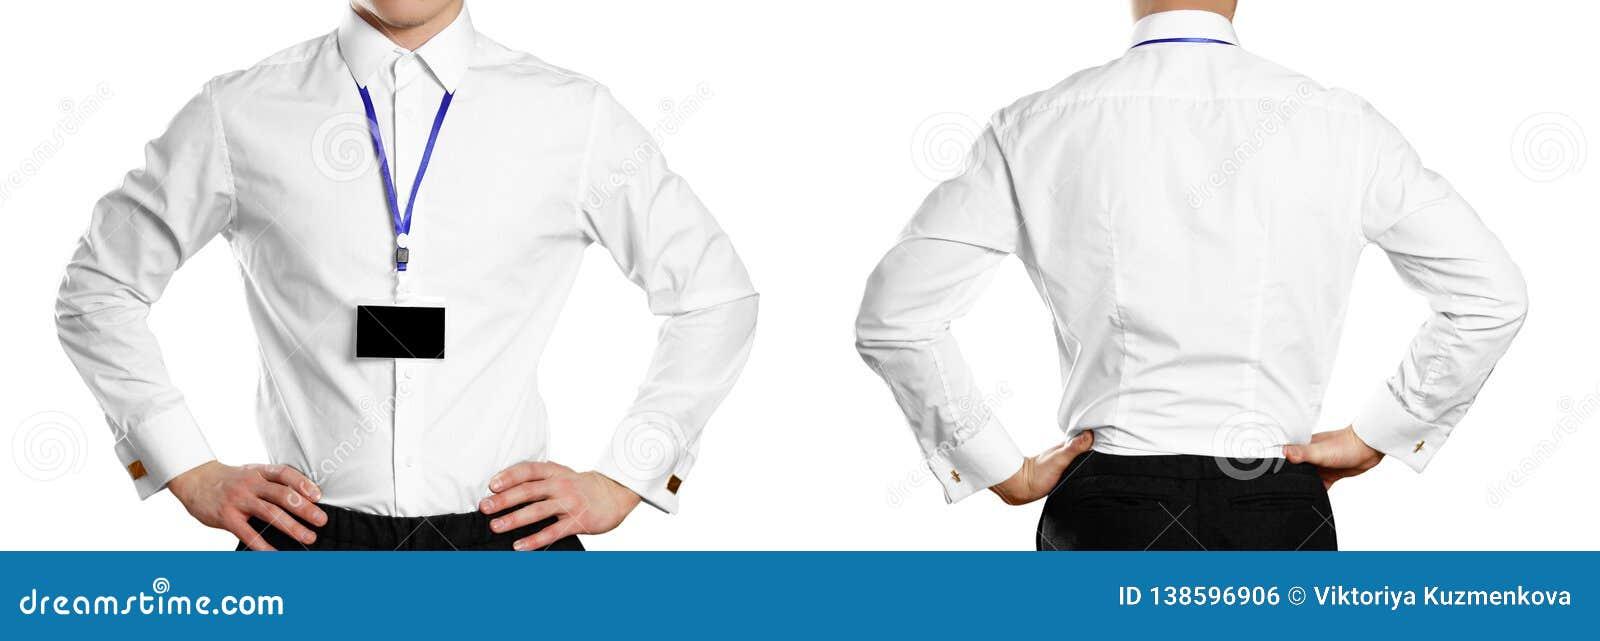 En man i en vit skjorta med ett emblem tillbaka framdel close upp bakgrund isolerad white